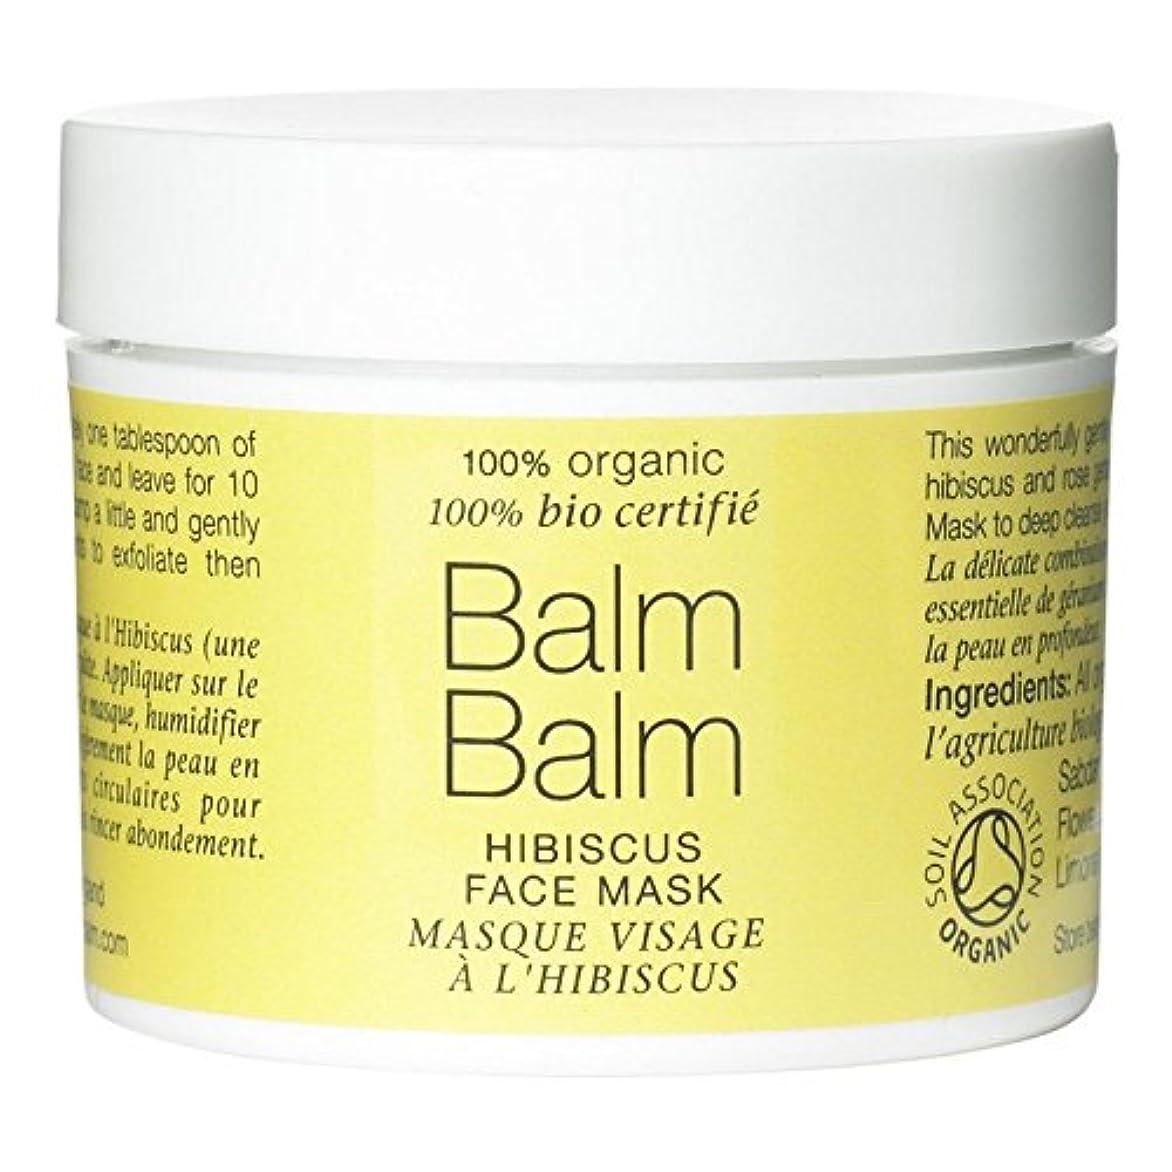 色燃やすスタイルバームバームオーガニックハイビスカスフェイスマスク100グラム x4 - Balm Balm Organic Hibiscus Face Mask 100g (Pack of 4) [並行輸入品]